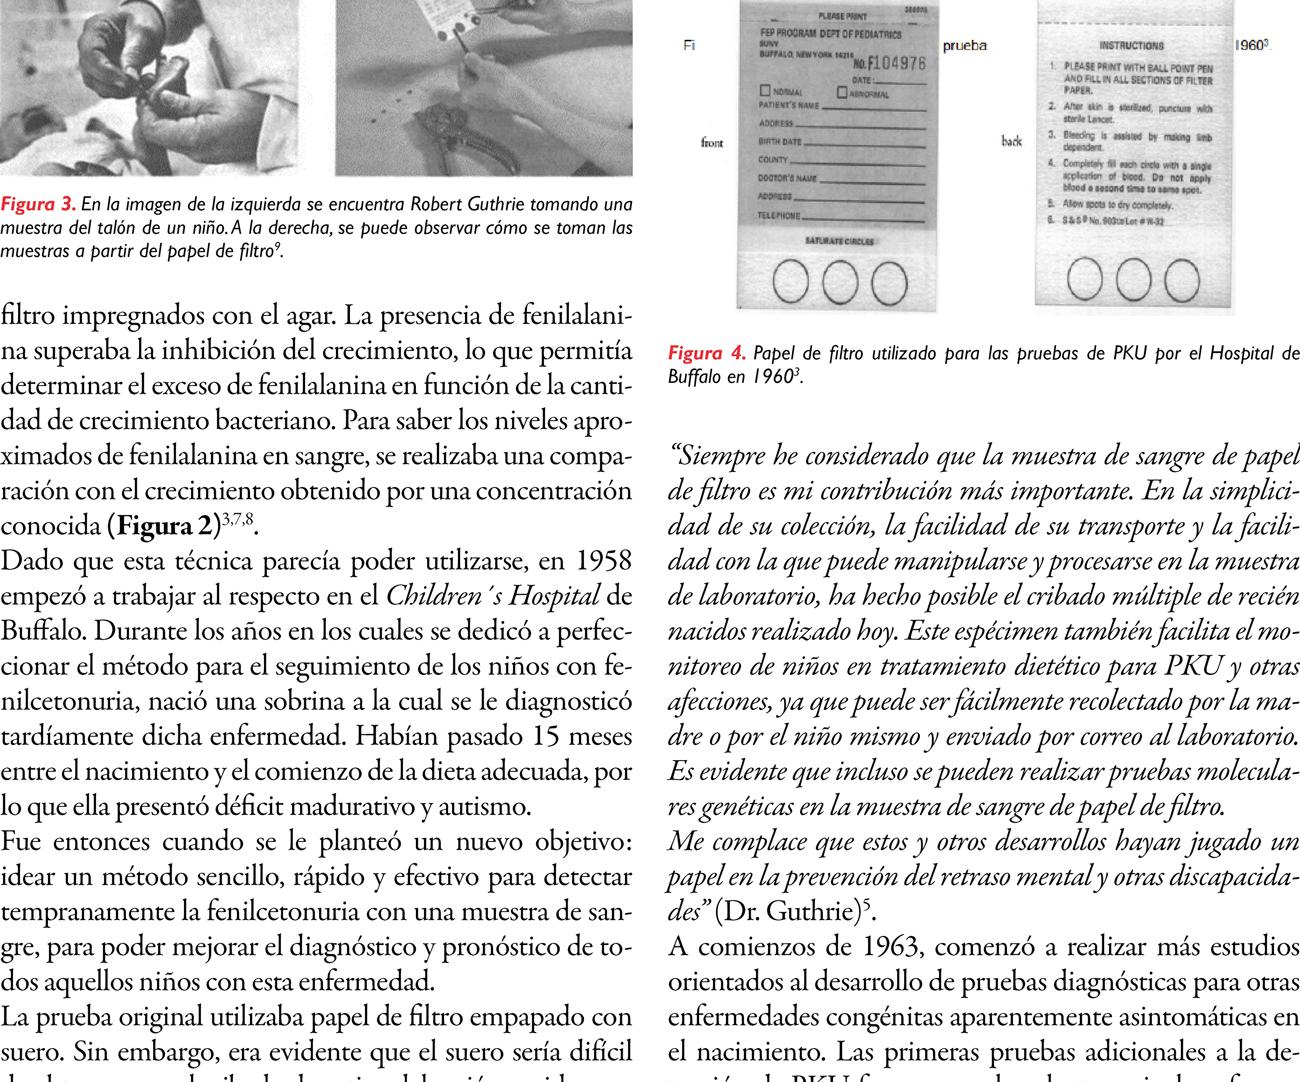 Pesquisa neonatal: invalorable ejemplo de prevención en salud pública